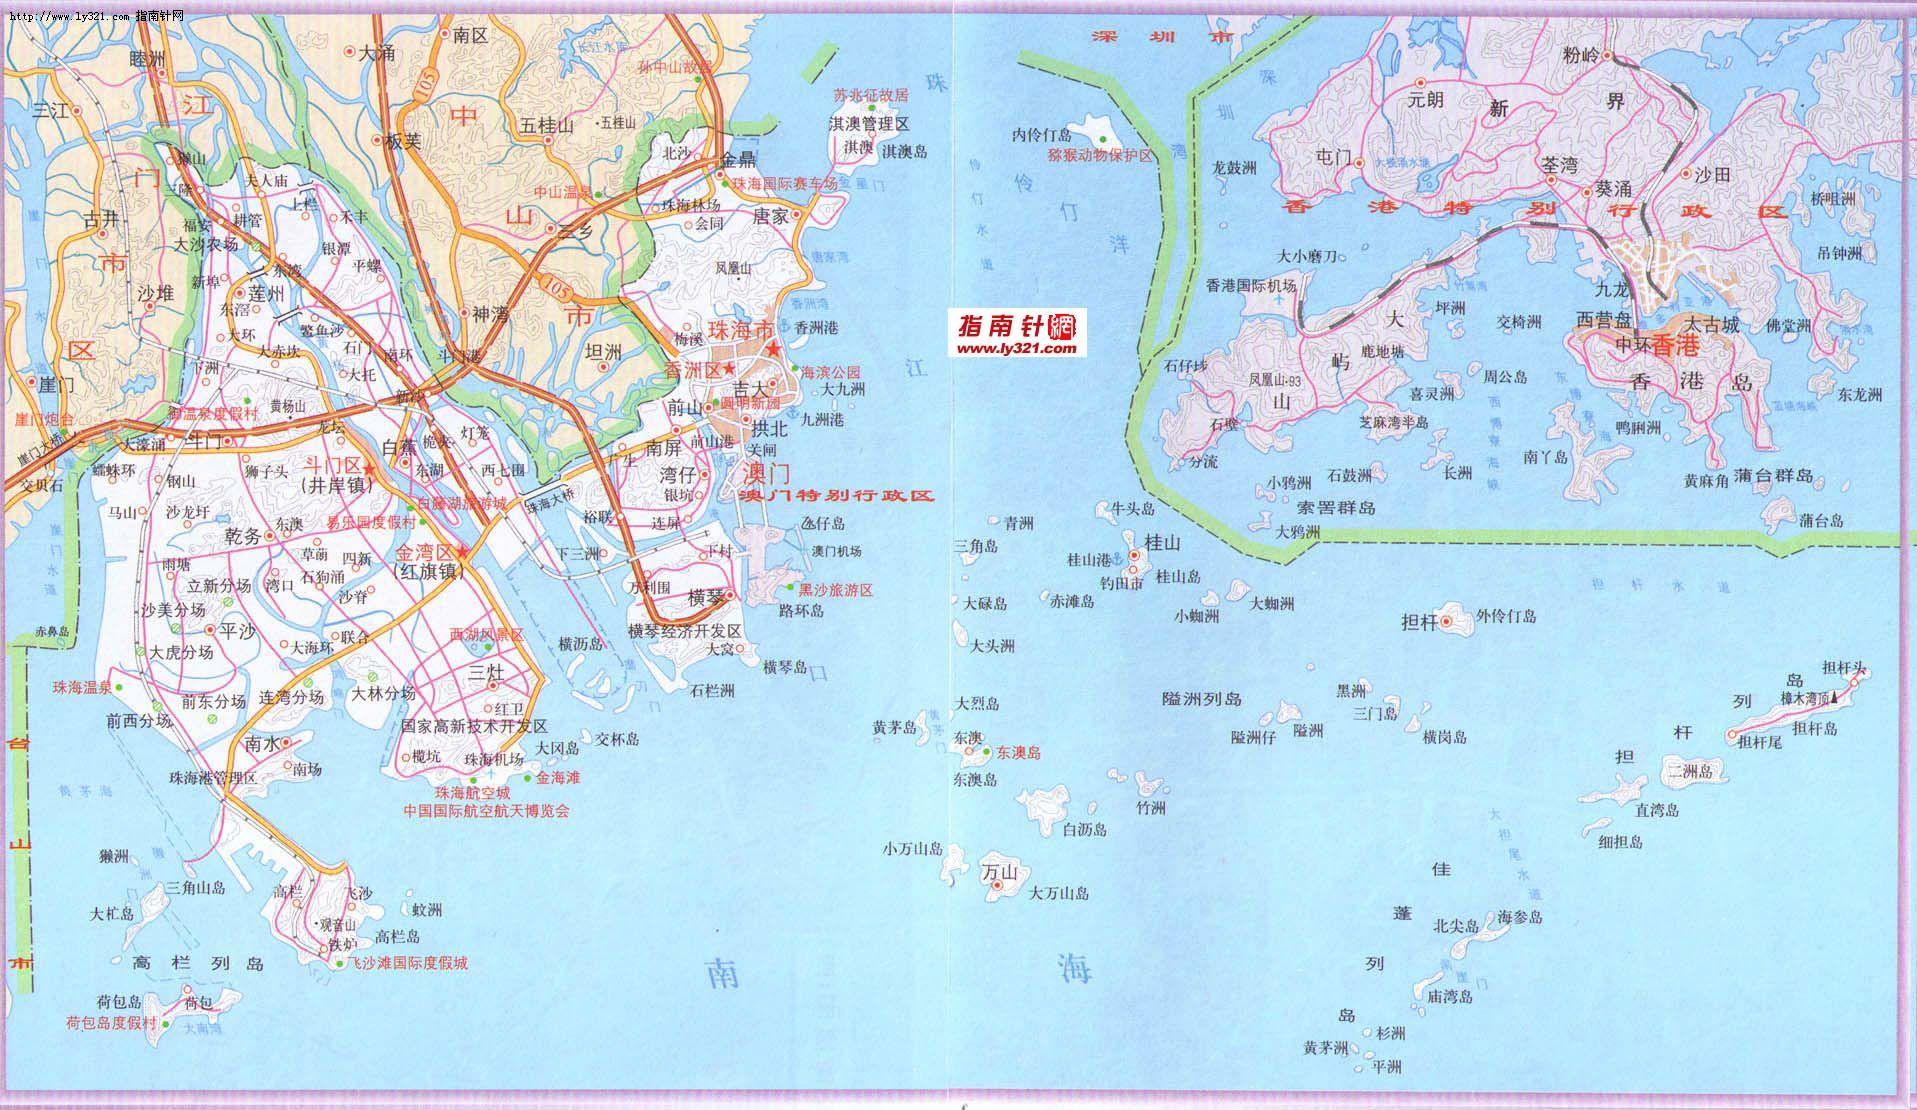 珠海政区地图_珠海市地图查询